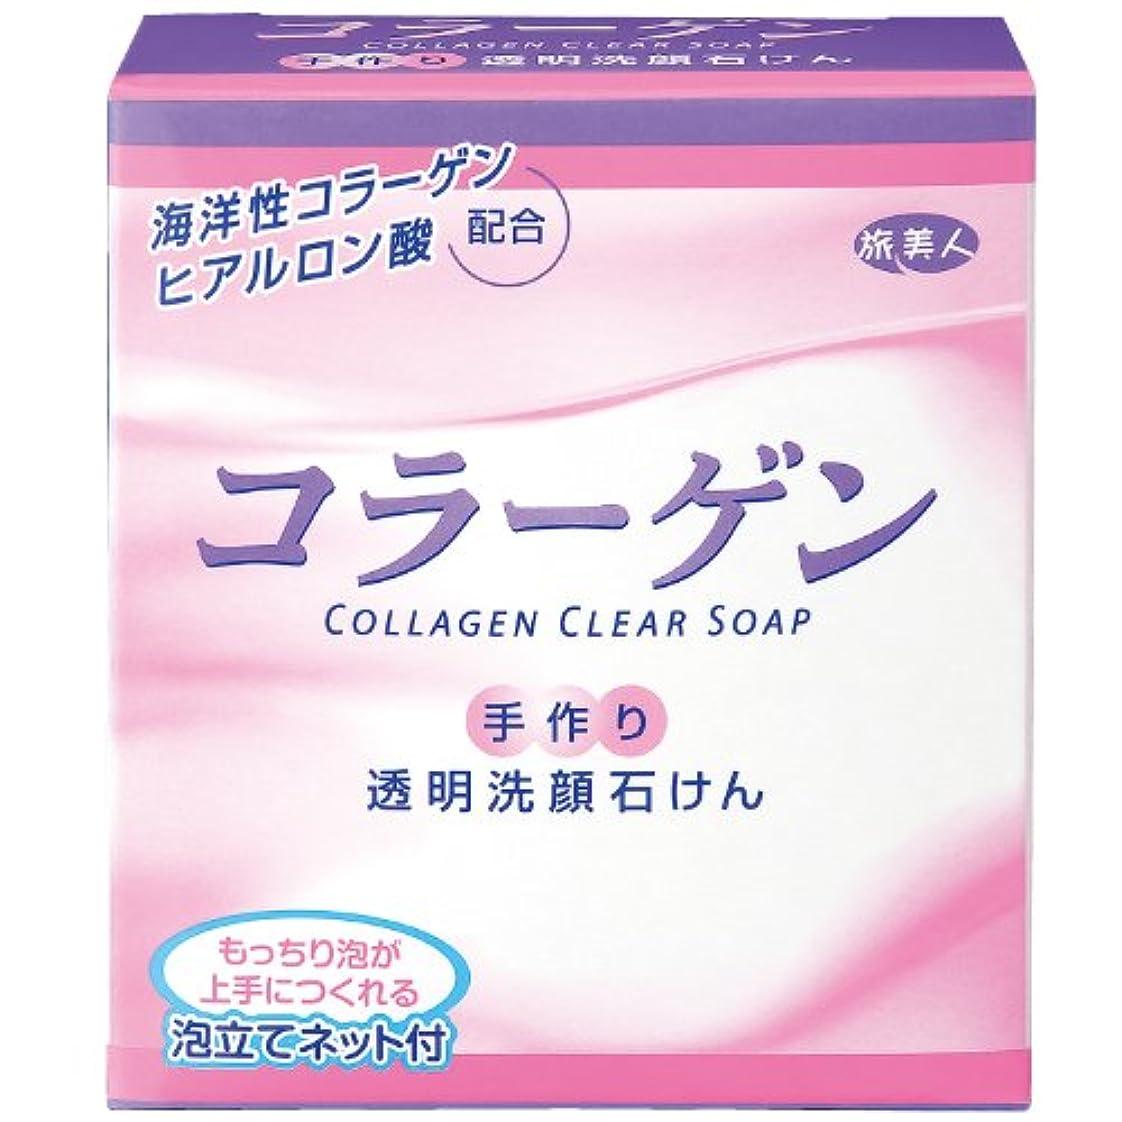 グリーンバック風味セールアズマ商事の コラーゲン透明洗顔石鹸 手作り